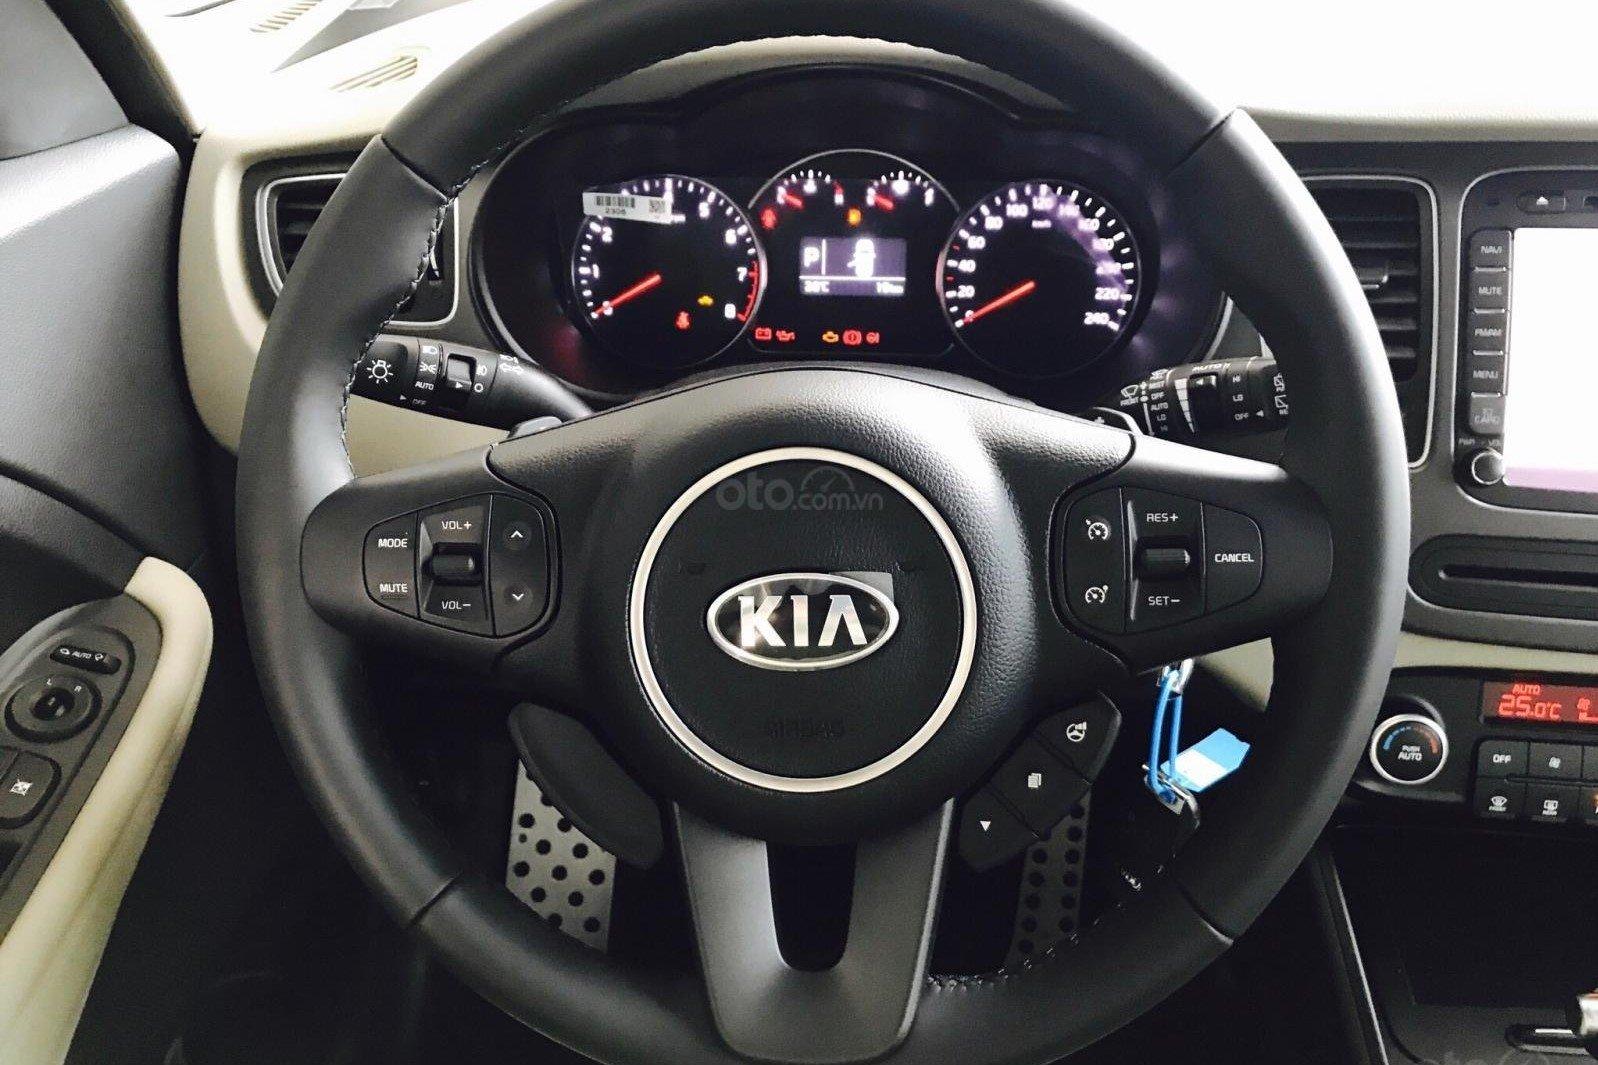 So sánh xe Toyota Avanza 2019 và Kia Rondo 2019 về vô lăng và đồng hồ lái a2